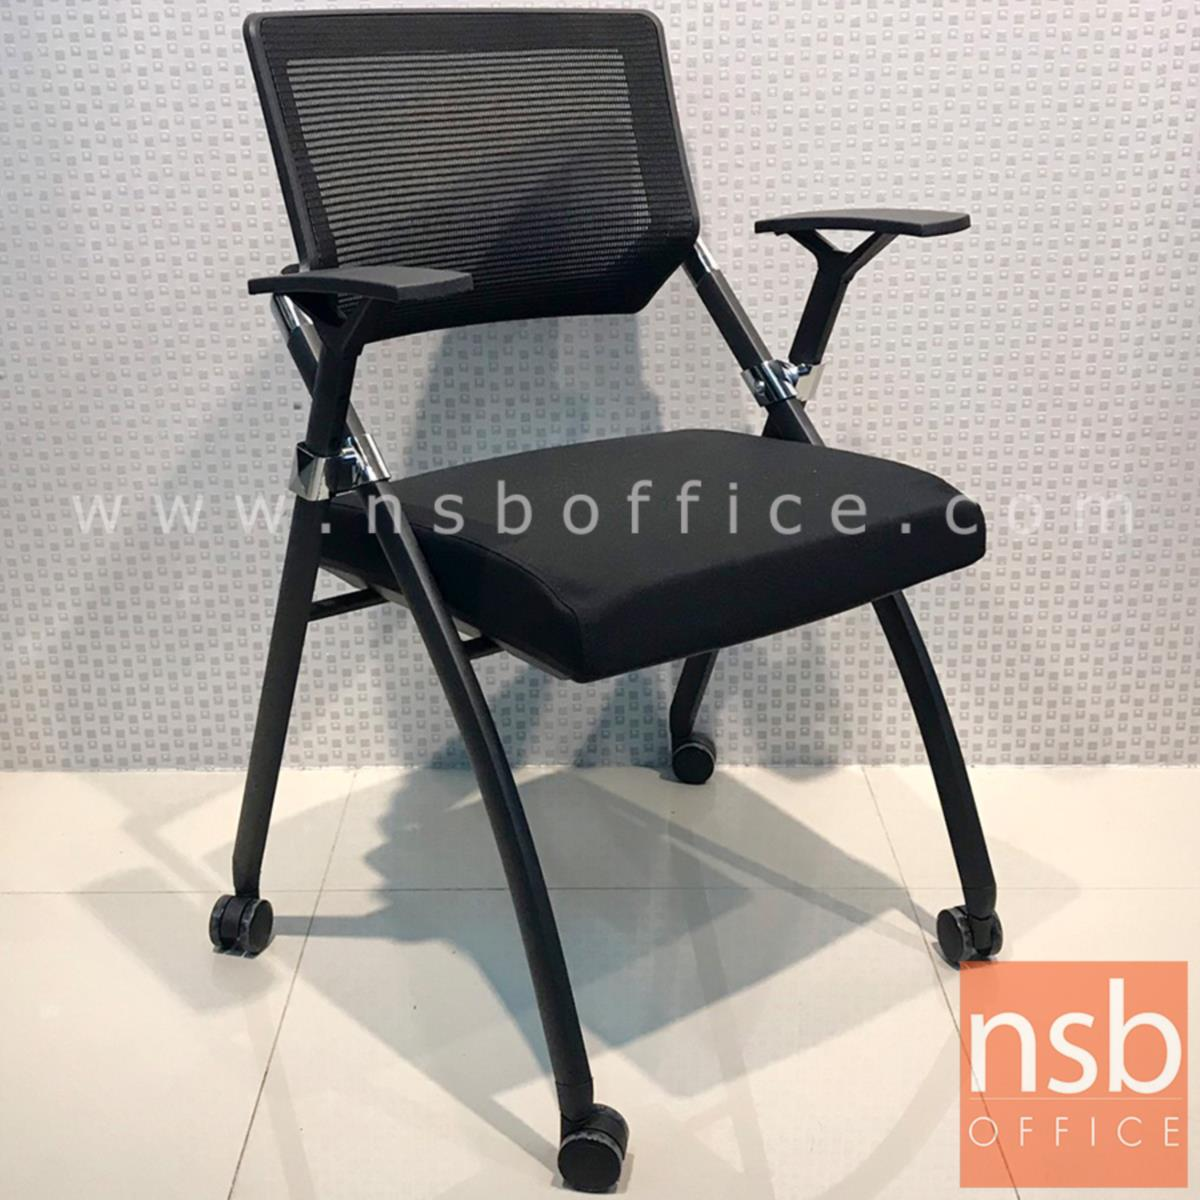 เก้าอี้สำนักงานหลังเน็ต รุ่น Donovan (โดโนแวน)   ขาเหล็กพ่นสีดำ